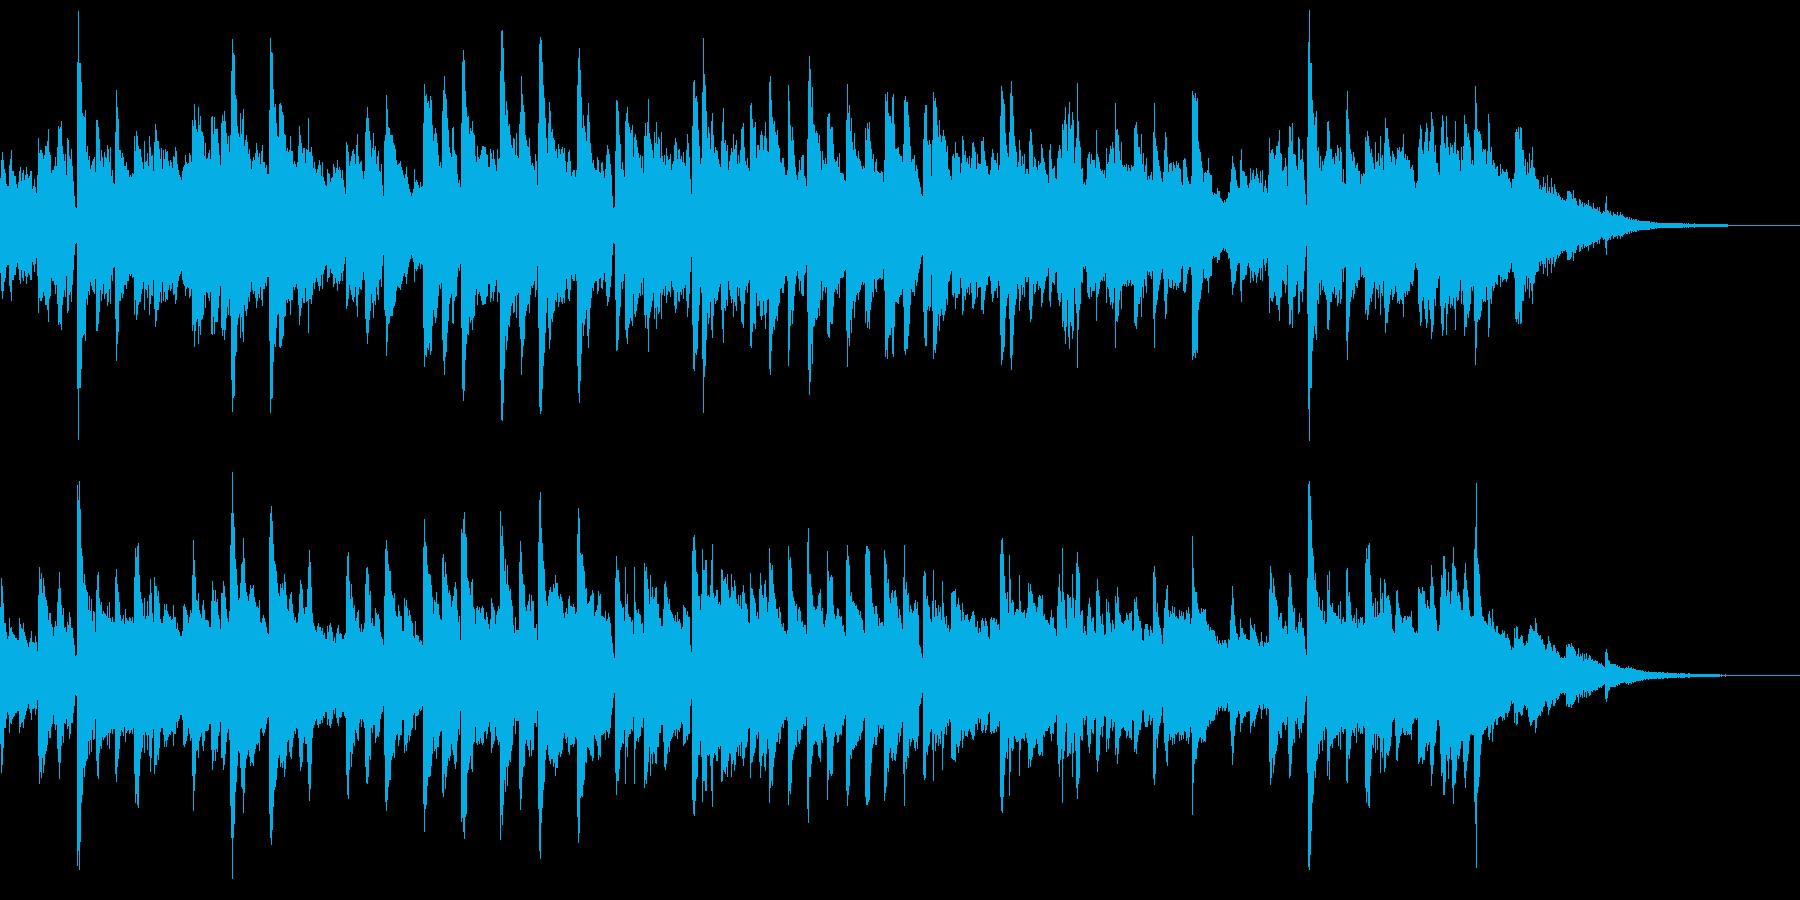 バラード ピアノソロ 感動的の再生済みの波形